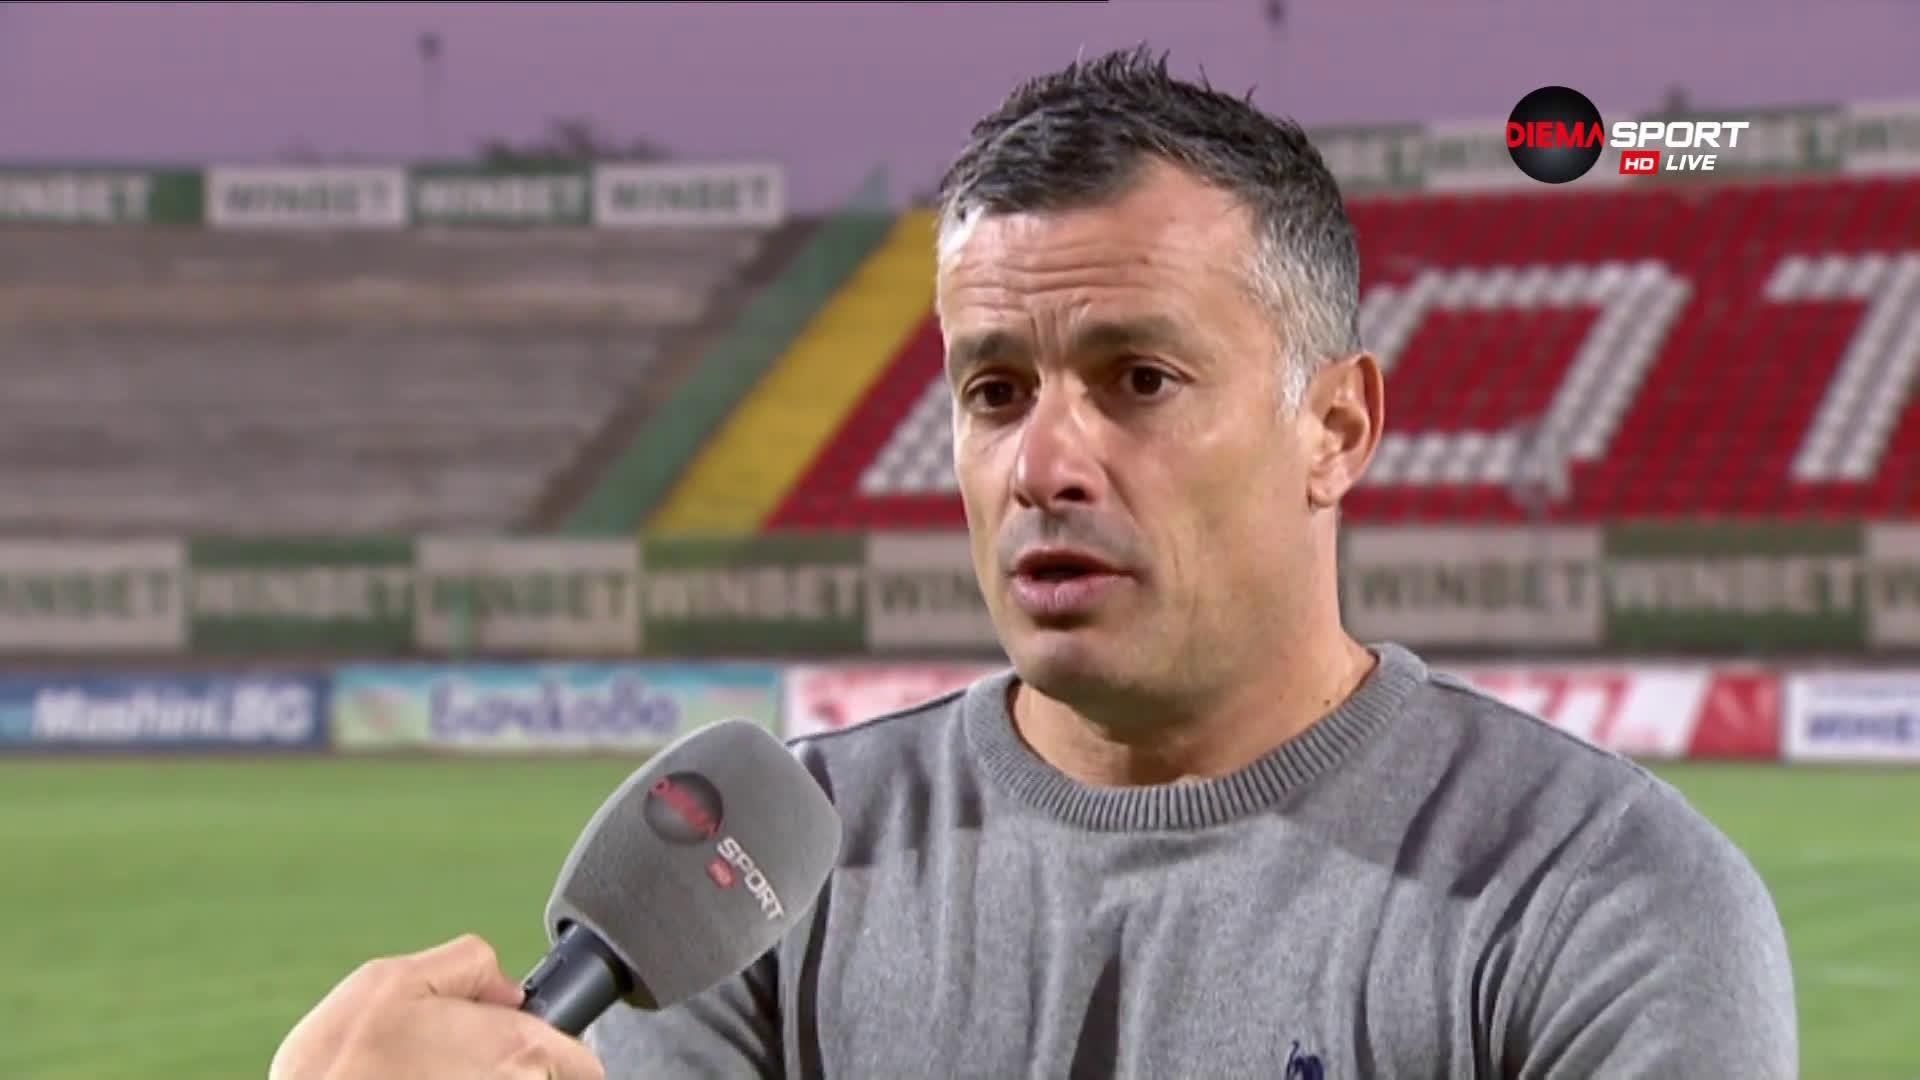 Людмил Киров остана доволен от точката срещу Ботев Враца